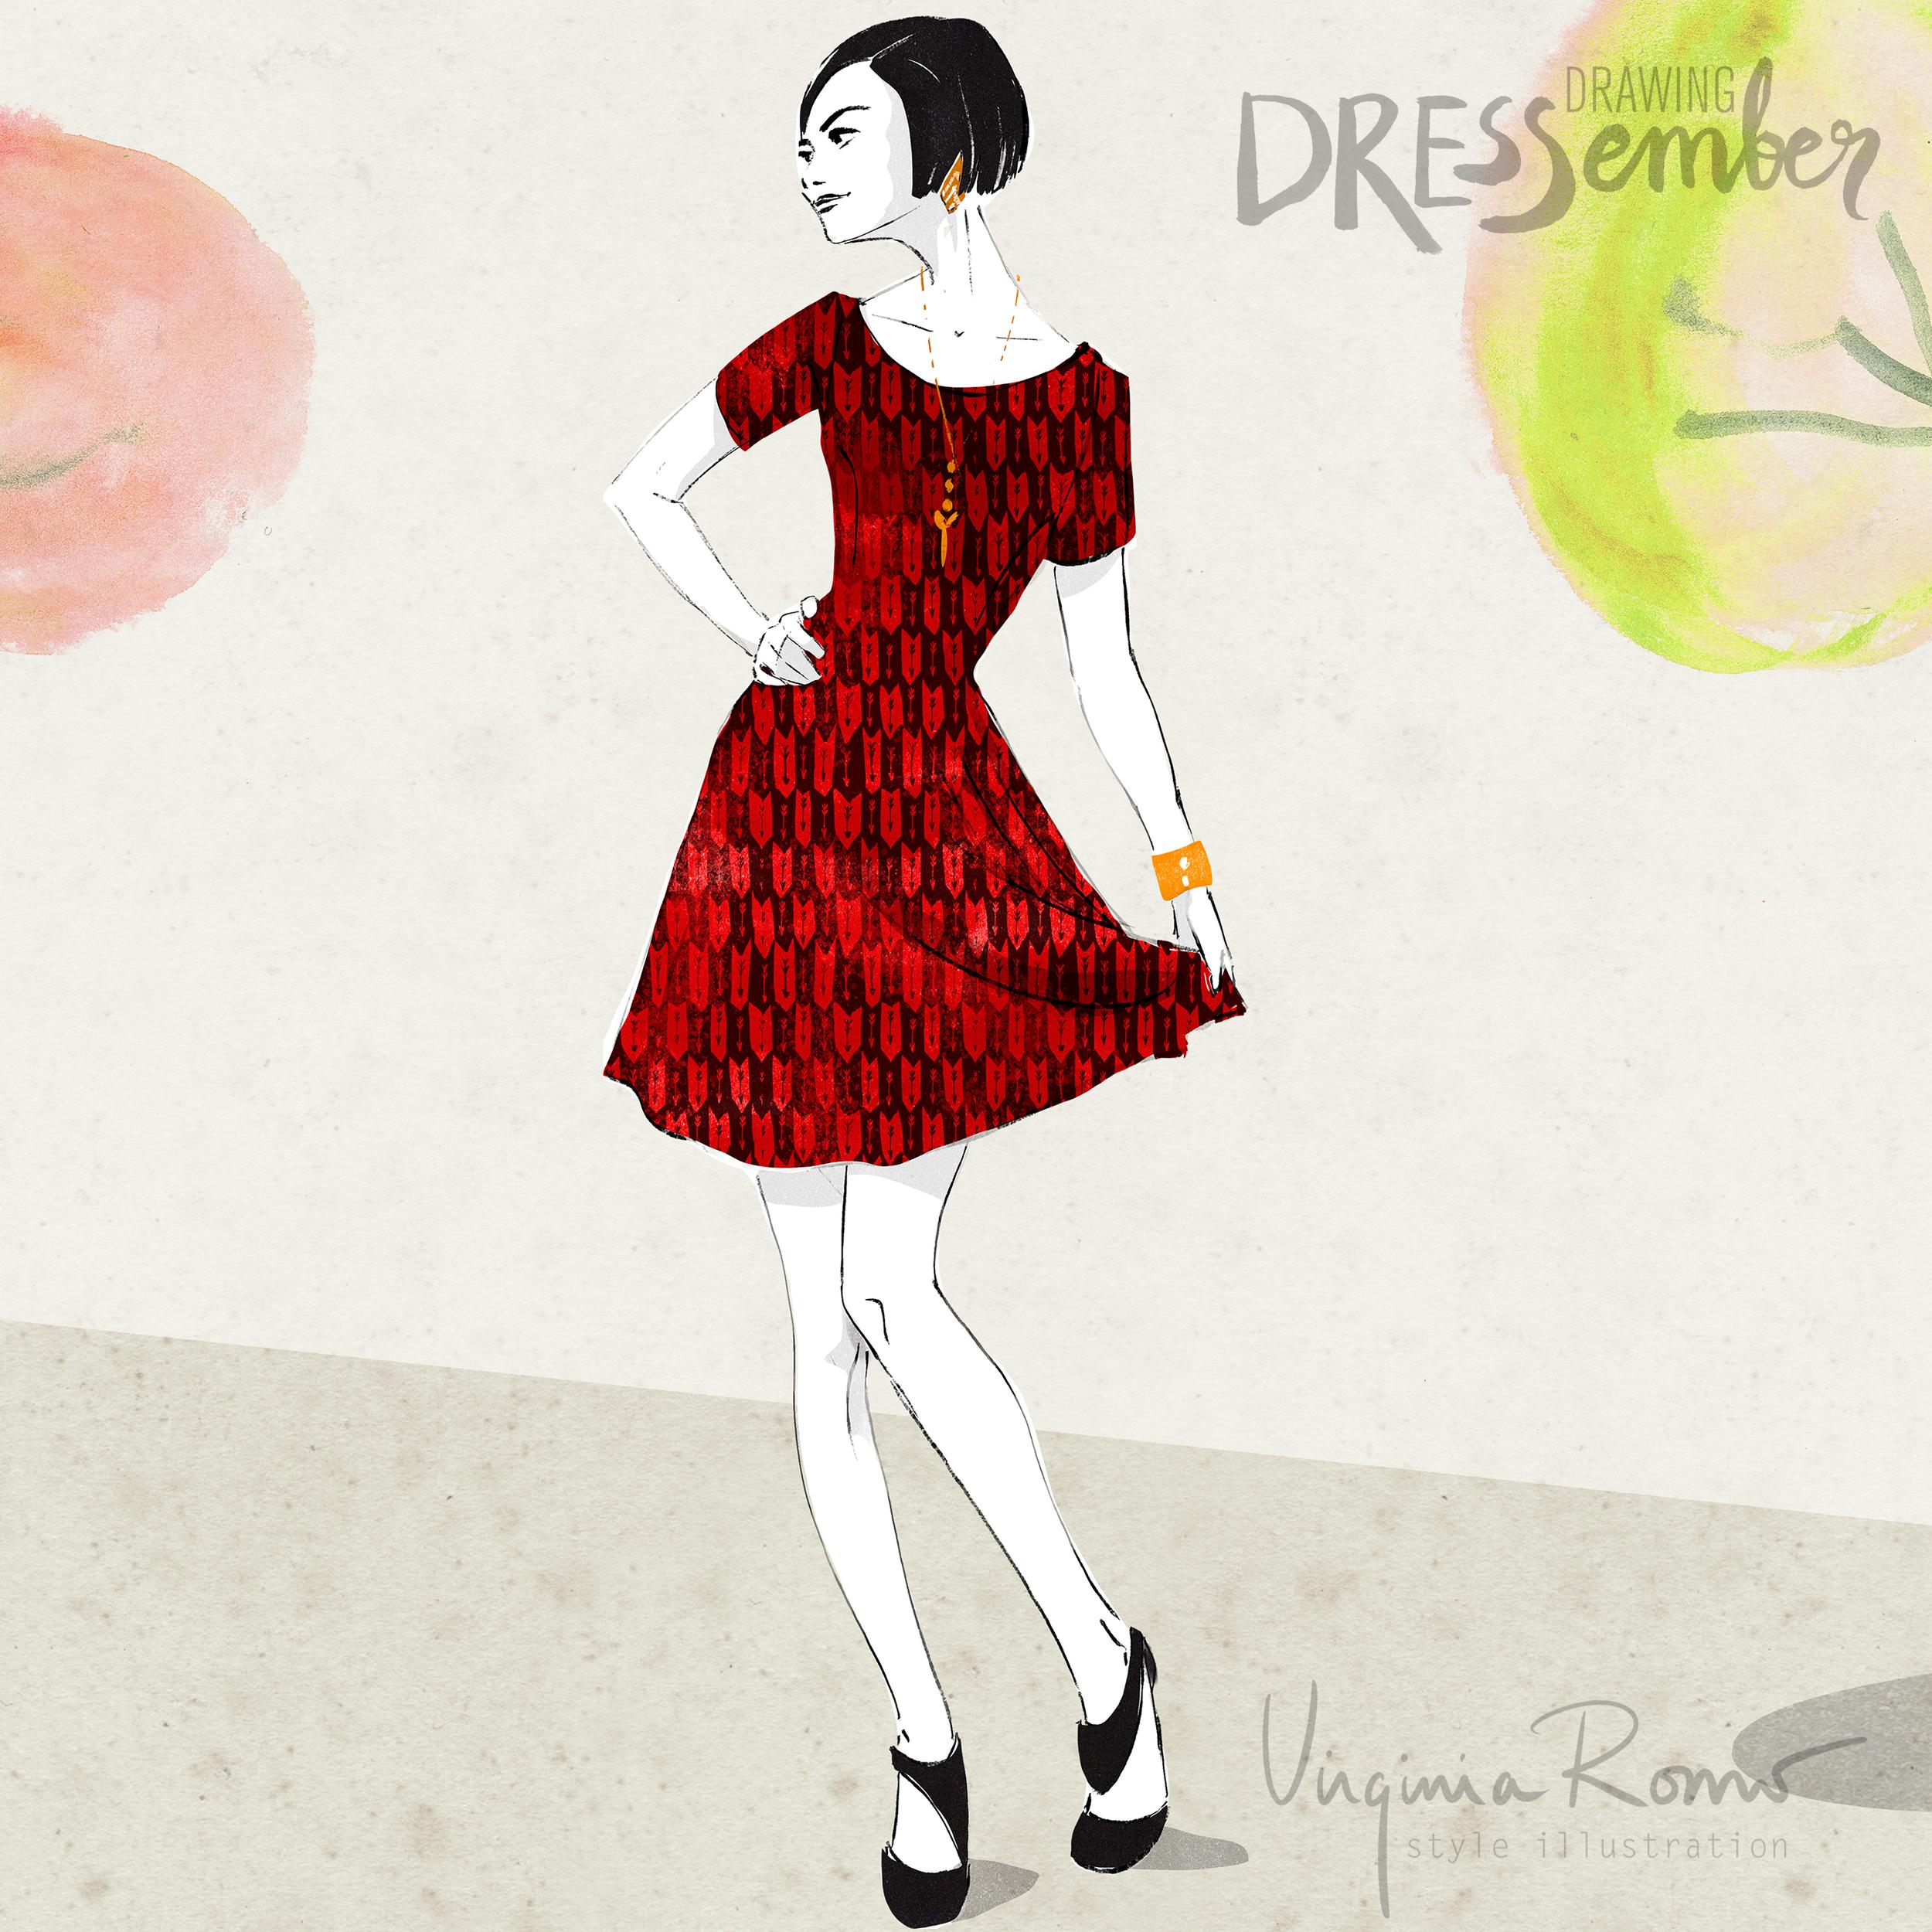 dressember-VirginiaRomoIllustration-04-dresswell-IG.jpg